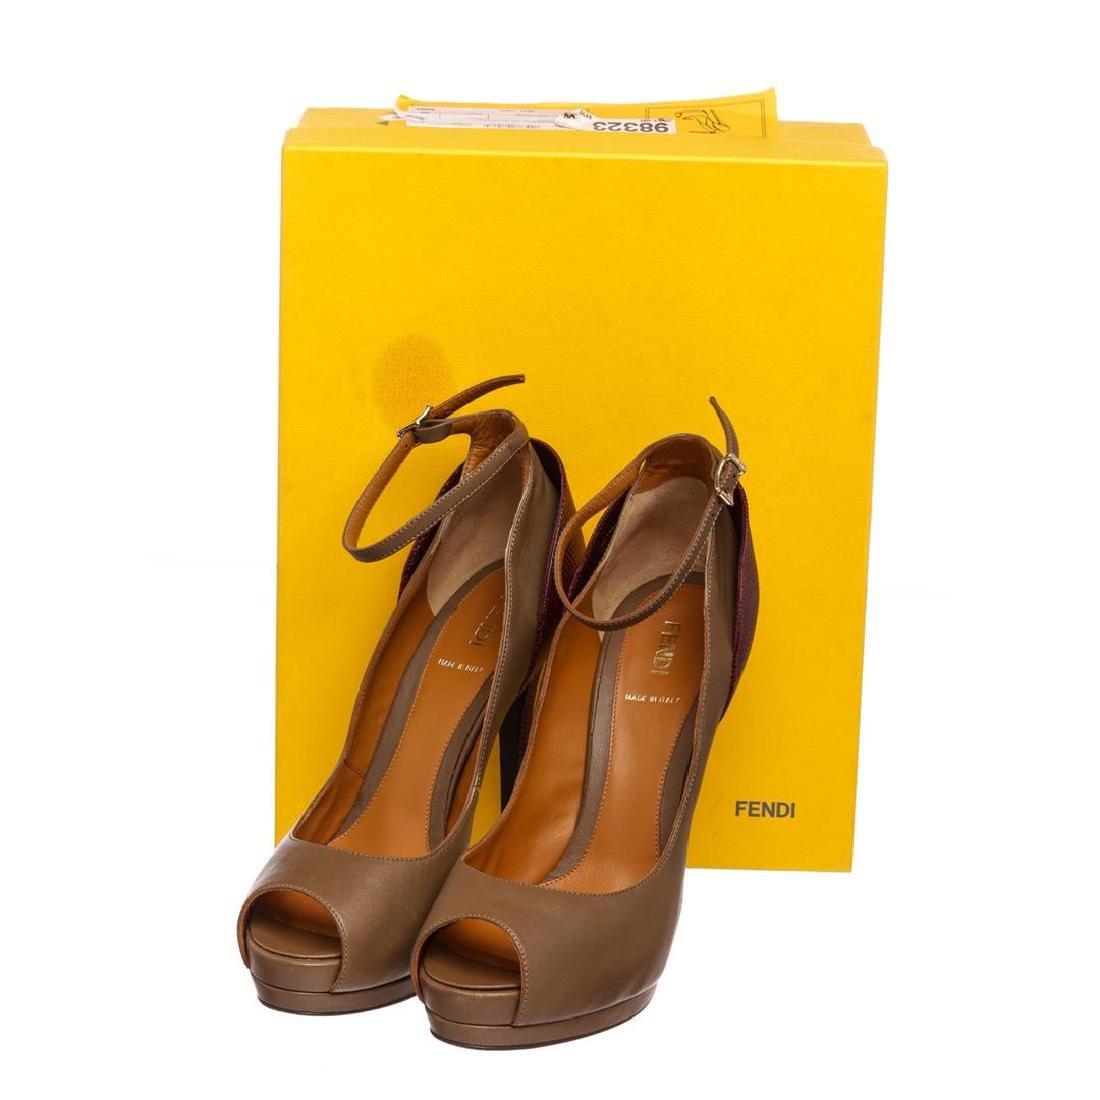 Fendi Taupe Leather Lizard Peep Toe Platform Heels - 2